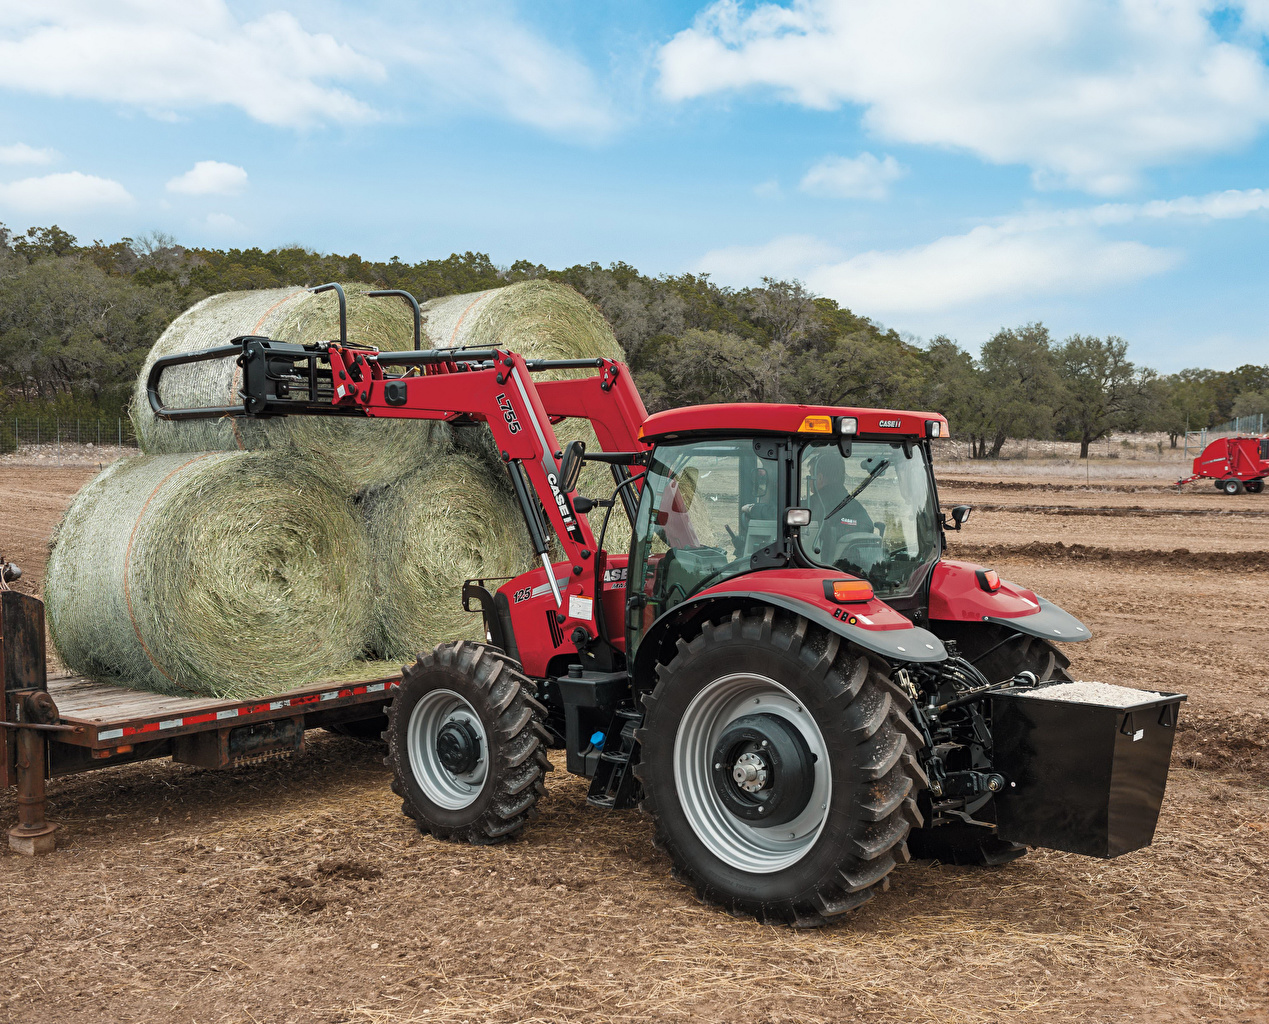 Обои Сельскохозяйственная техника Трактор 2009-15 Case IH Maxxum 125 Поля Сено